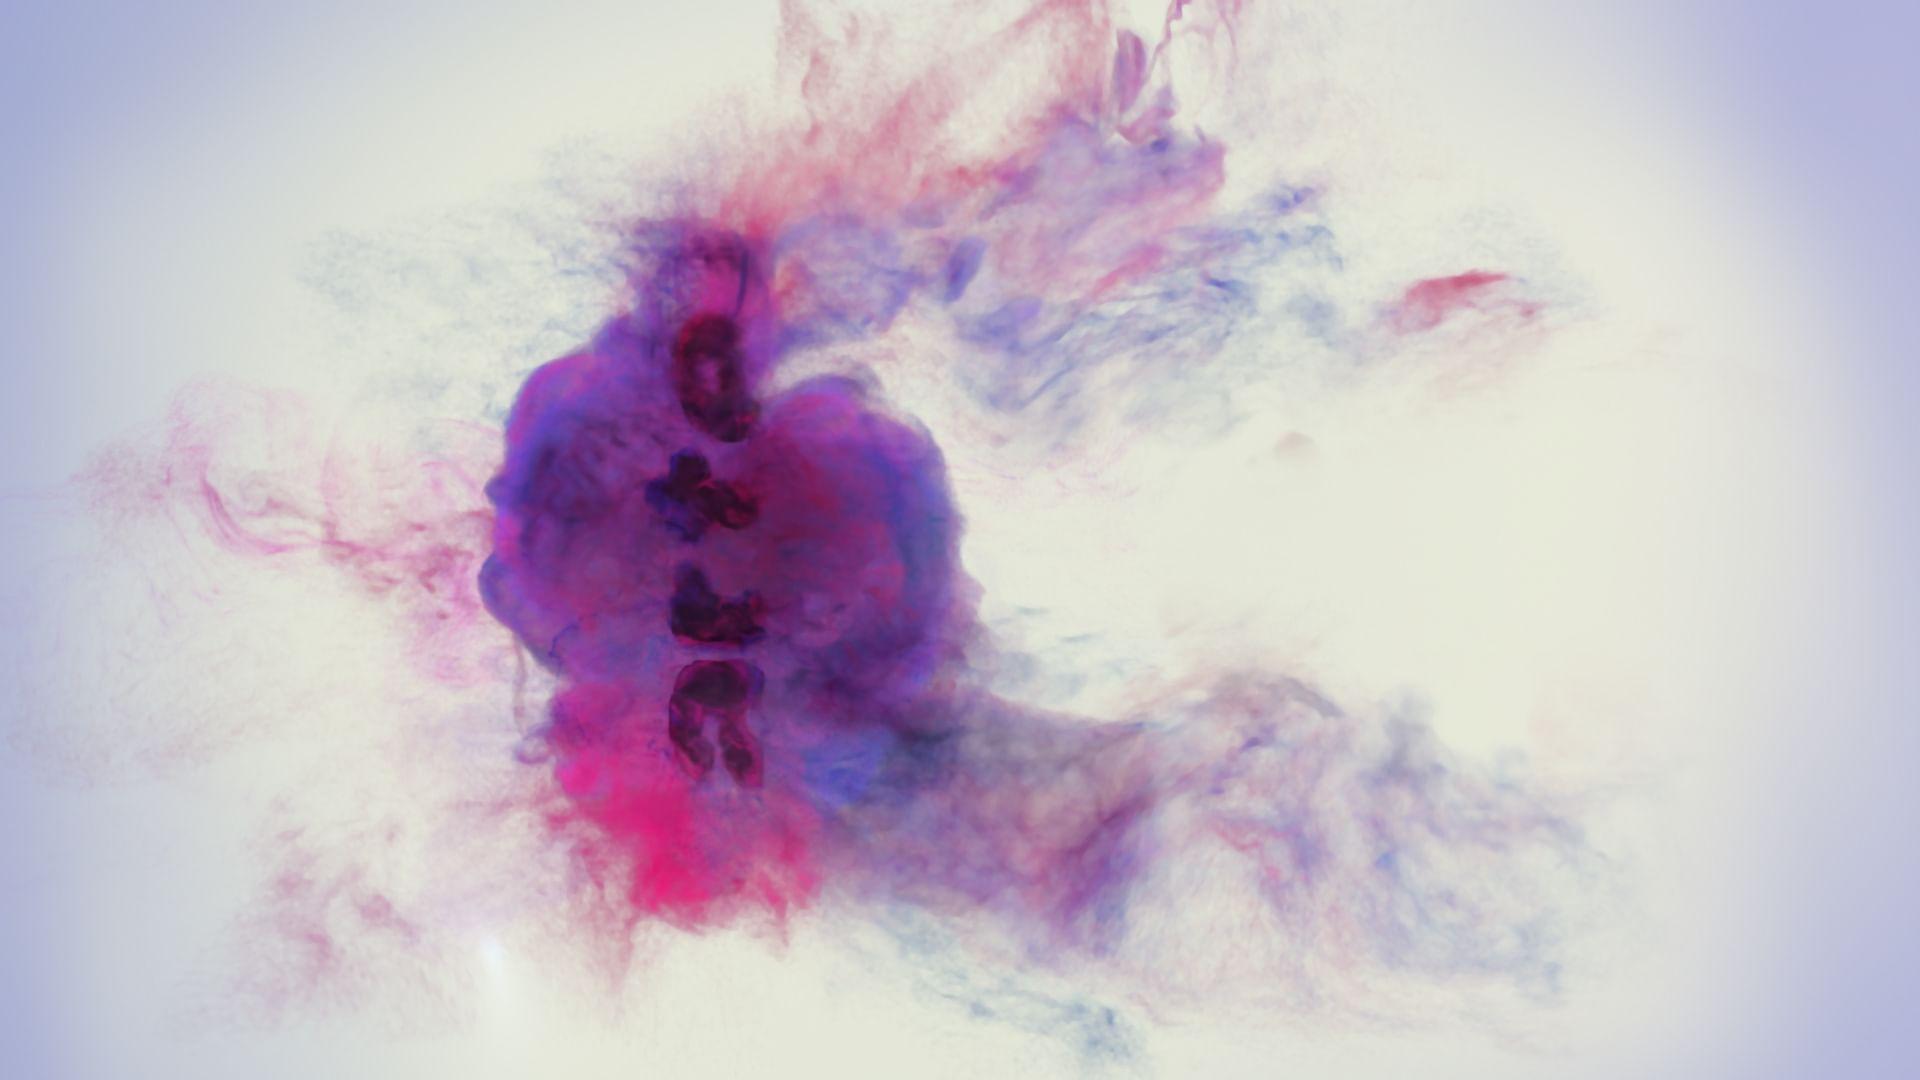 """ARTE widmet sich den großen Stimmen. Als Operntenor füllte Luciano Pavarotti ganze Fußballstadien. Maria Callas feierte Erfolge als """"Tosca"""". Wir blicken auf einen ihrer letzten Auftritte. Waltraud Meier begleiten wir beim Abschied von den Wagnerpartien und Joyce DiDonato ins Liceu Barcelona. Daneben die großen Sängerinnen des Jazz: Ella Fitzgerald und Billie Holiday."""